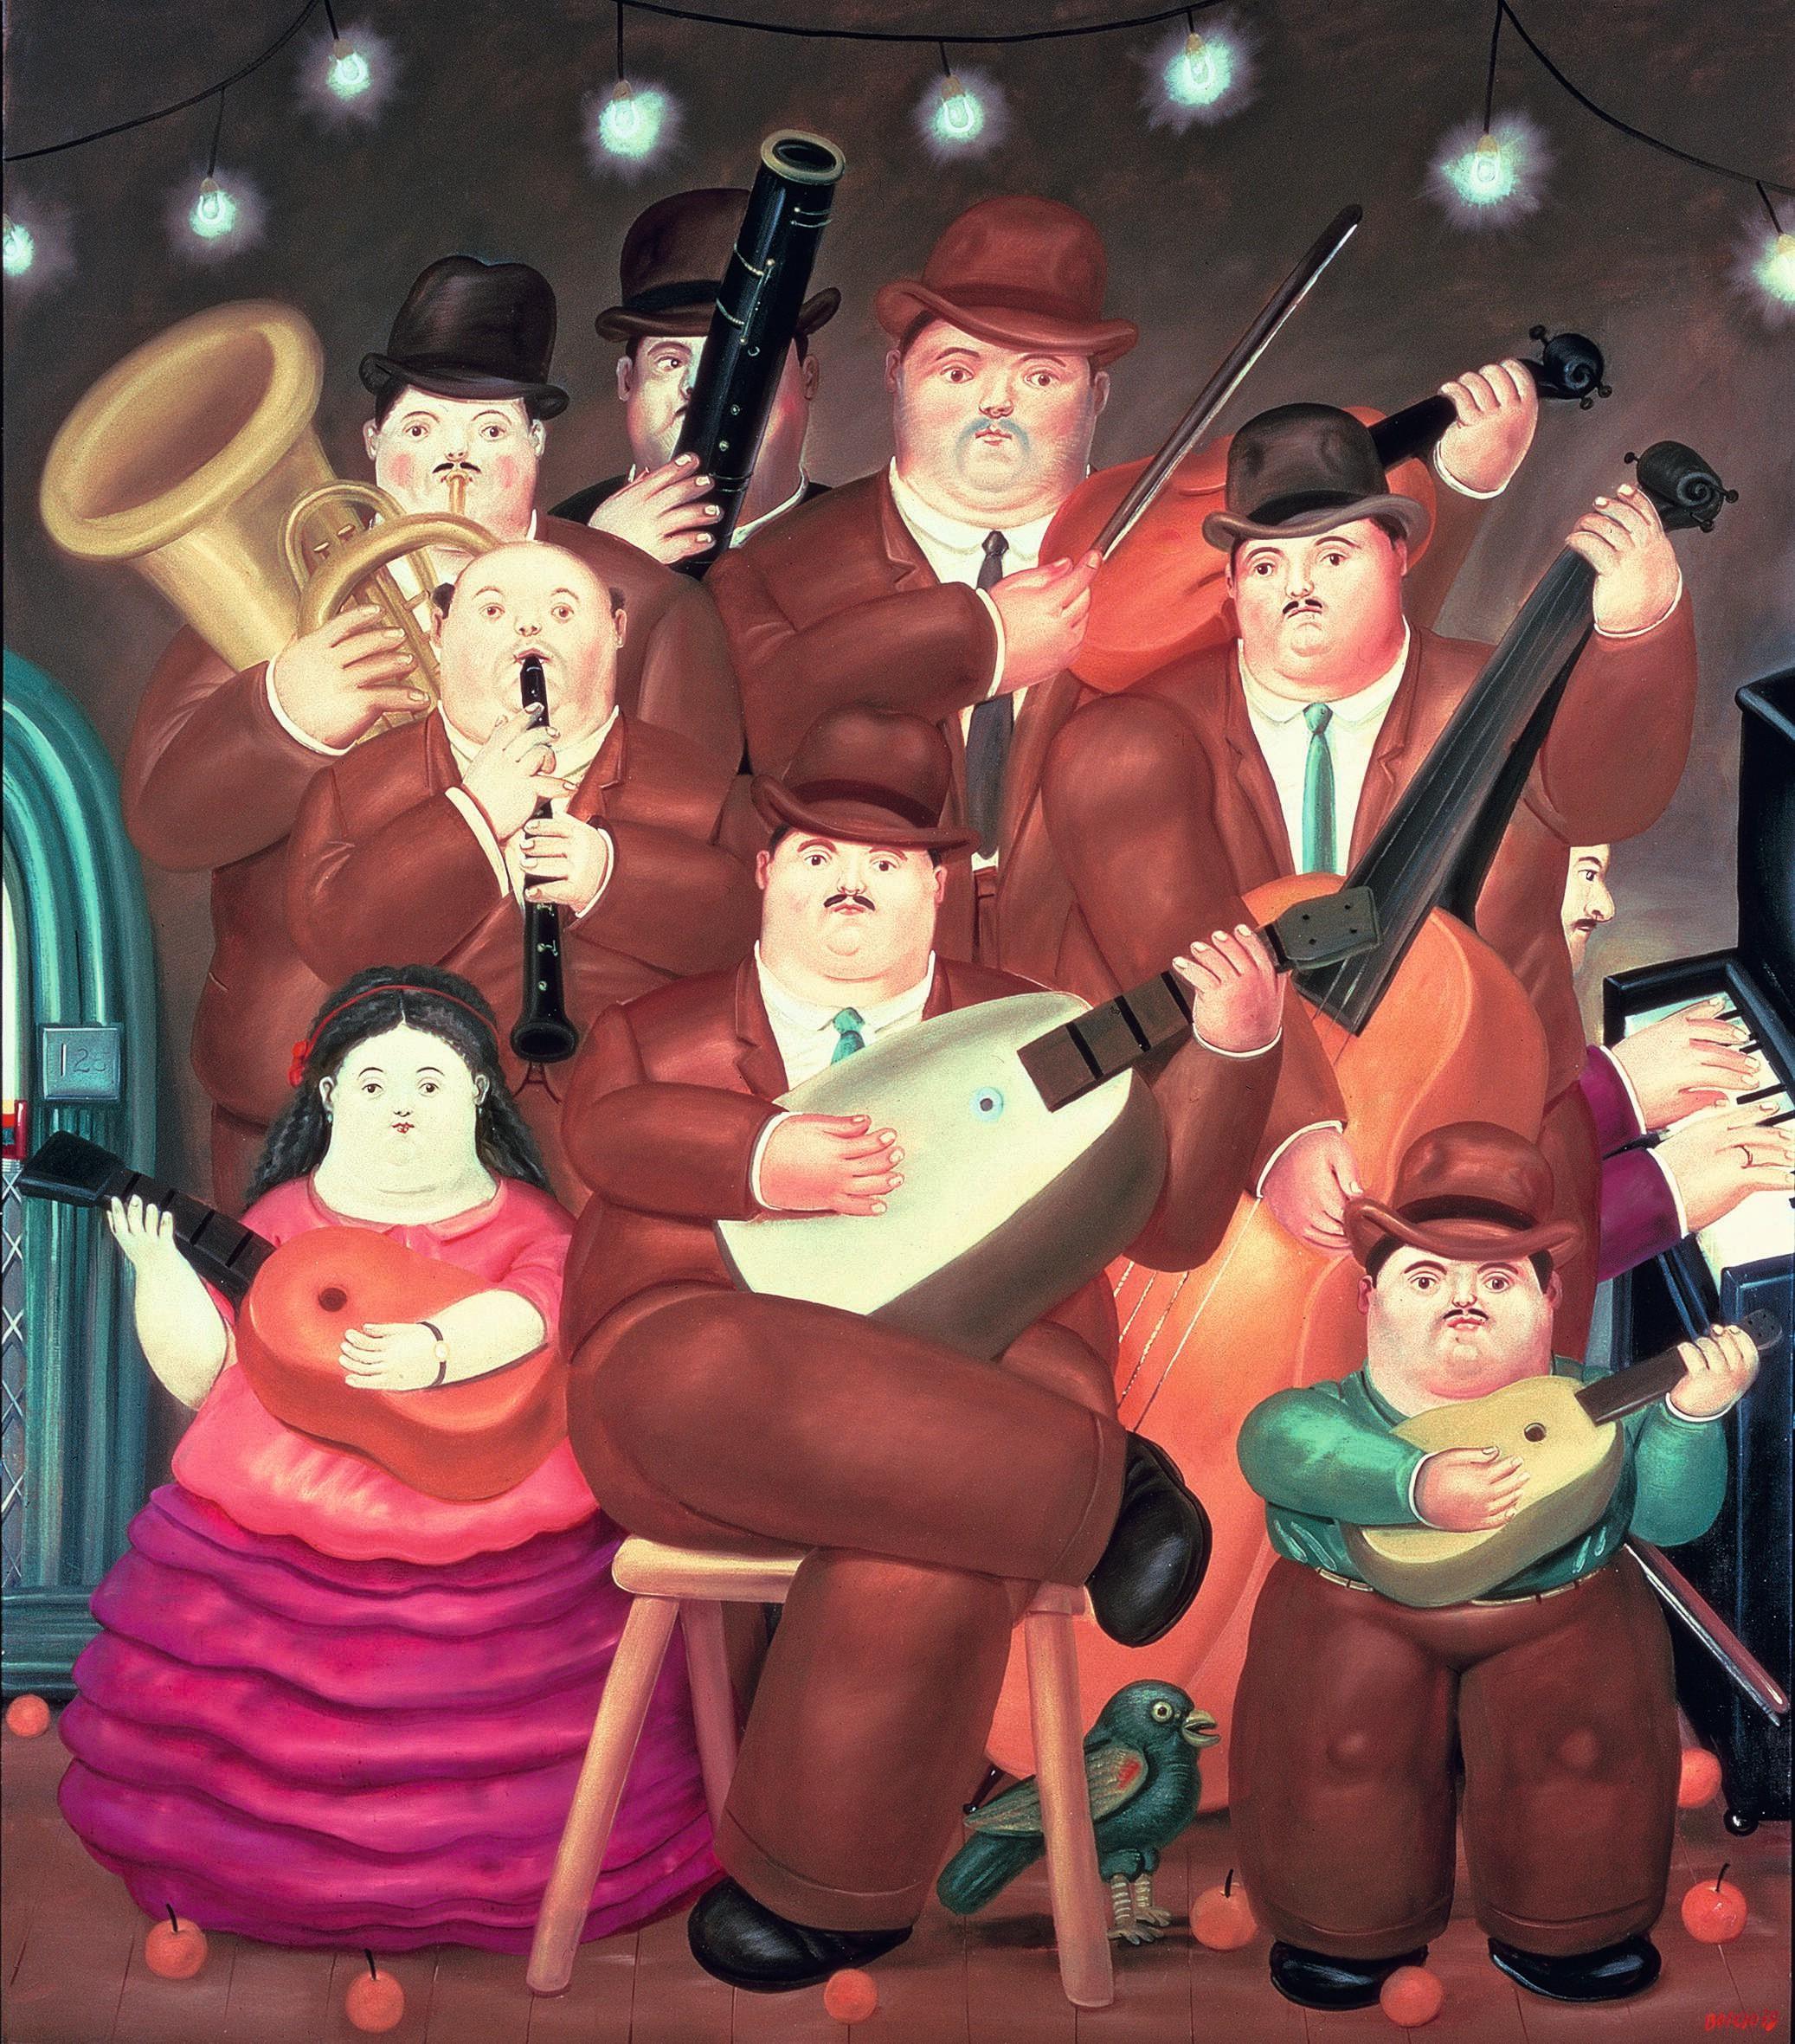 Fernando Botero, Los músicos, 1979.